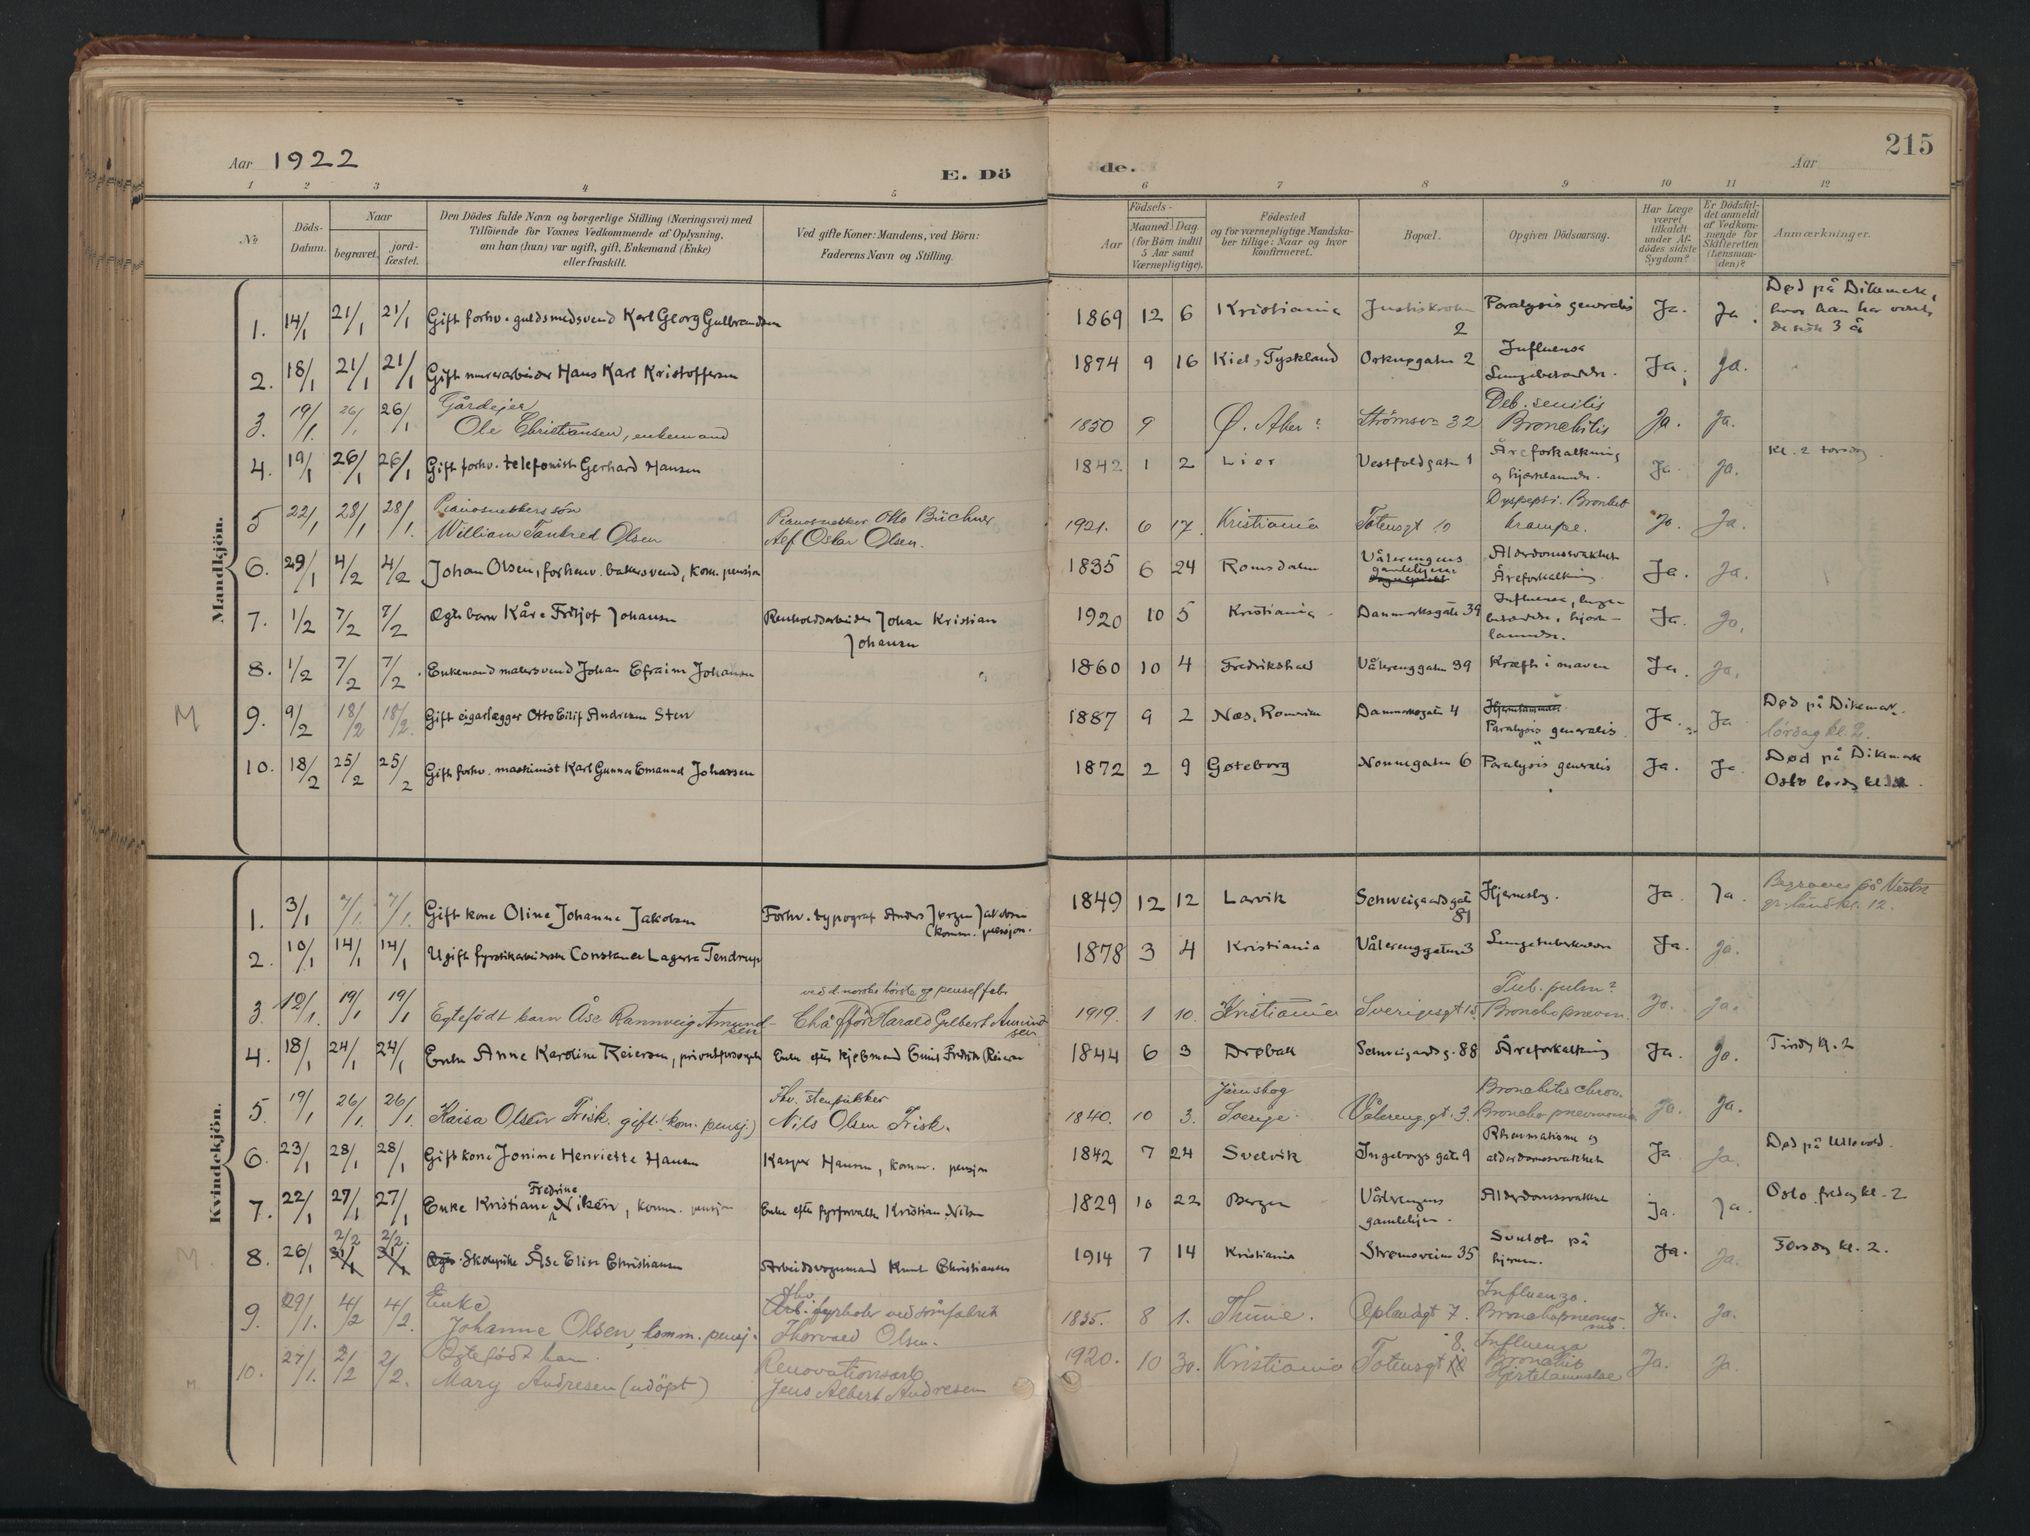 SAO, Vålerengen prestekontor Kirkebøker, F/Fa/L0003: Ministerialbok nr. 3, 1899-1930, s. 215